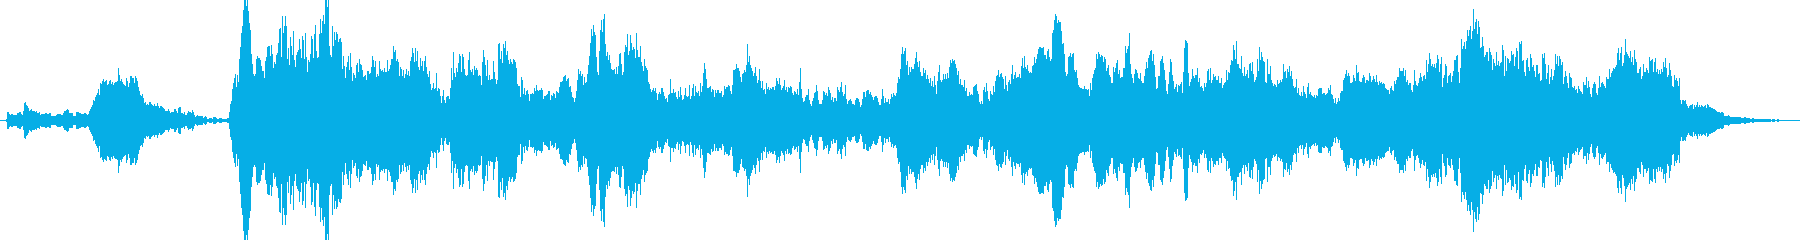 暗く静かなシンセアンビエントBGMの再生済みの波形